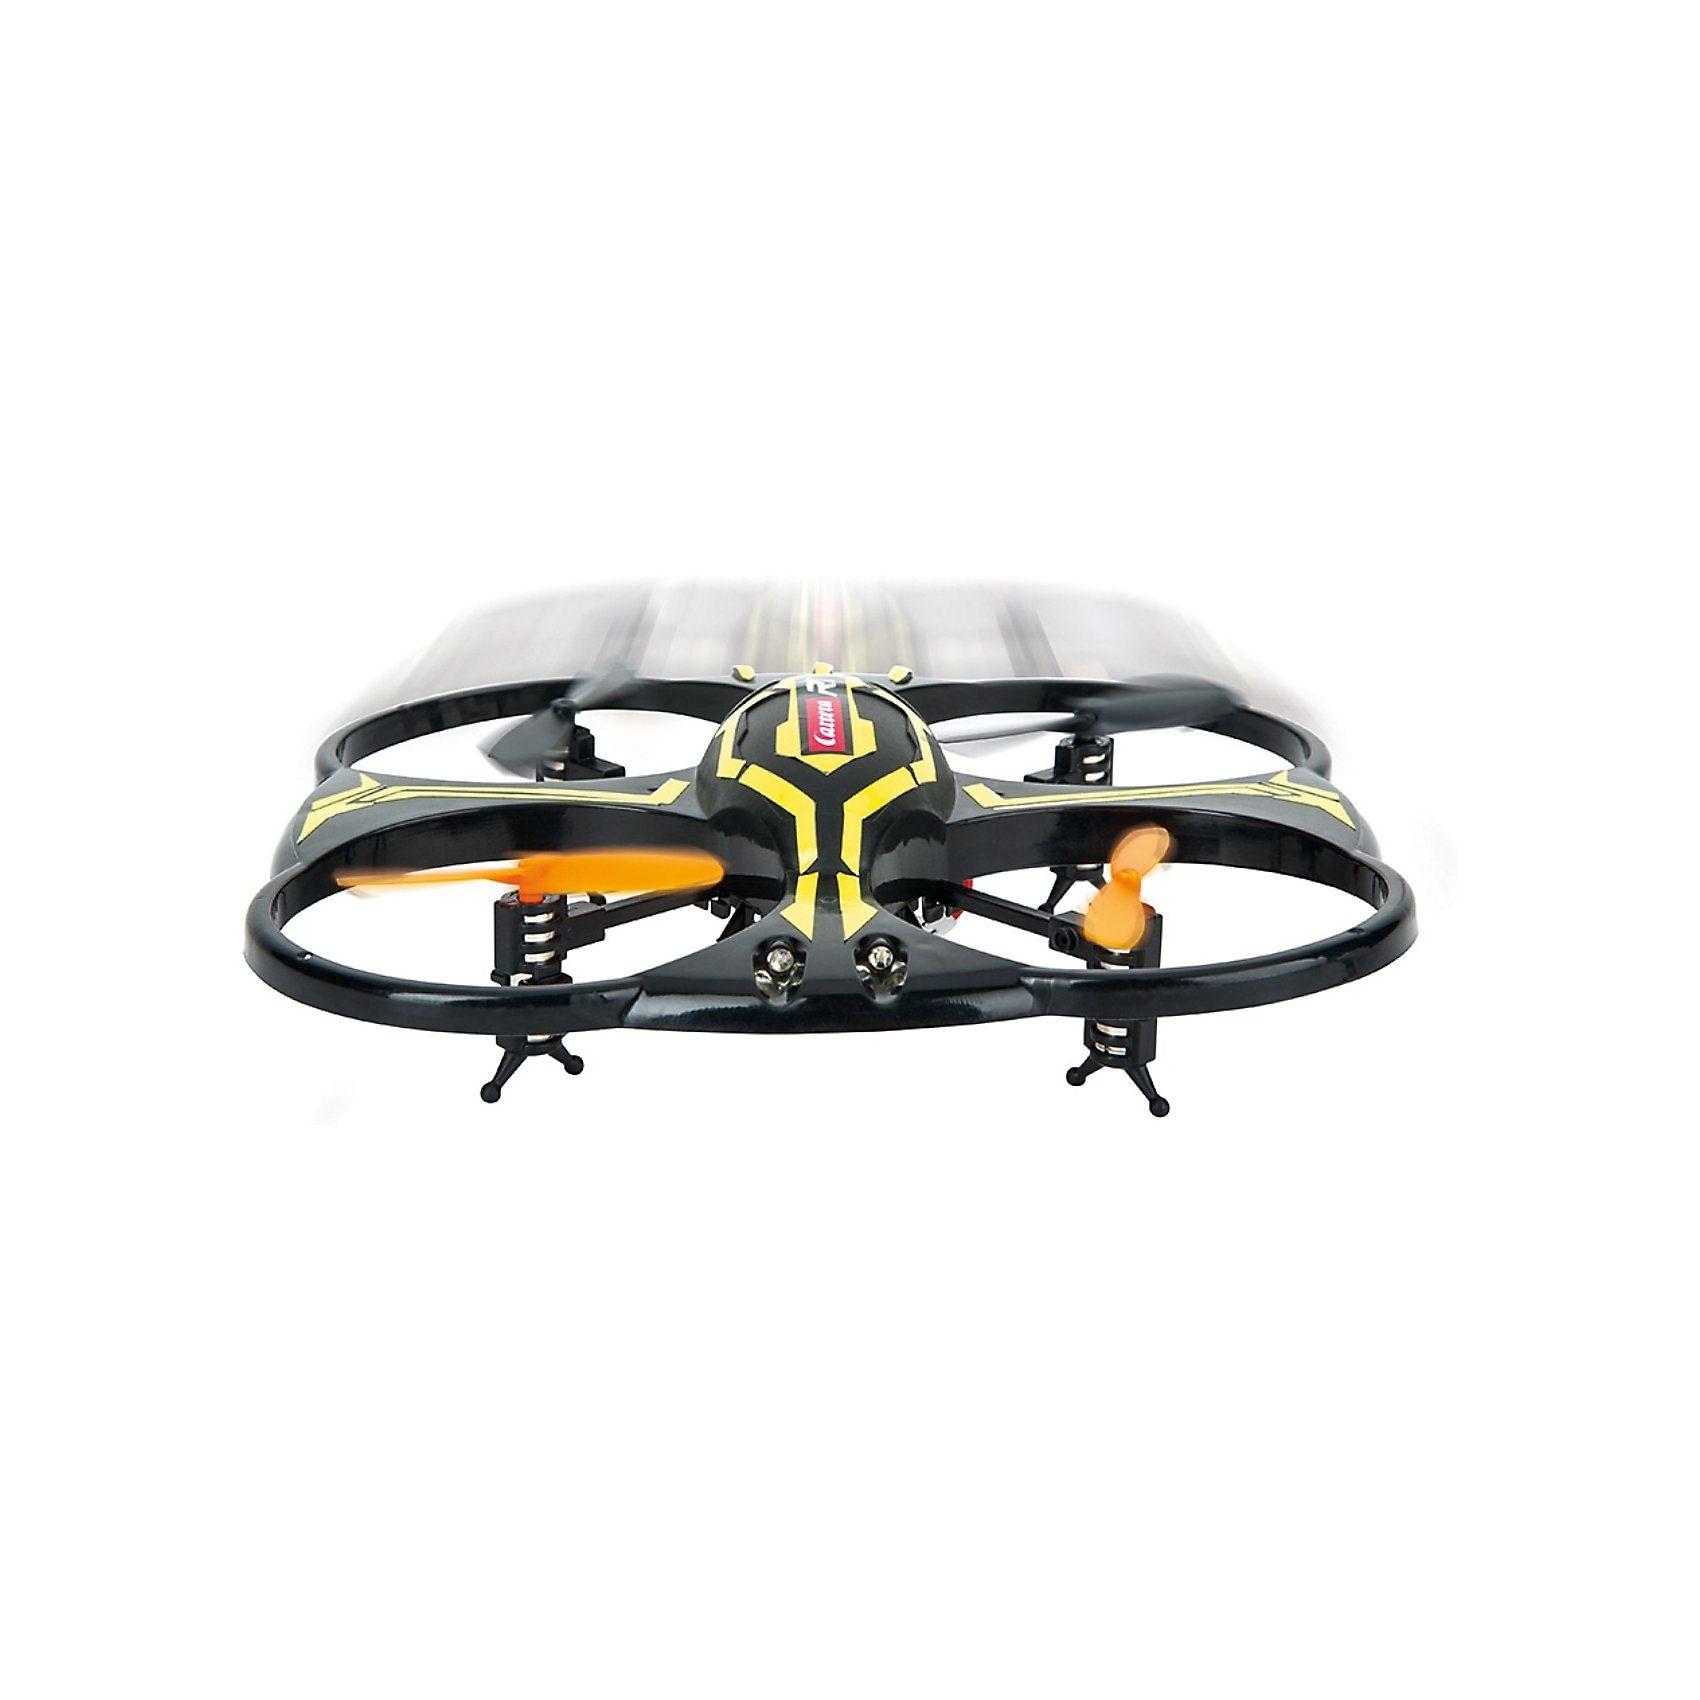 Carrera RC Quadrocopter CRC X1